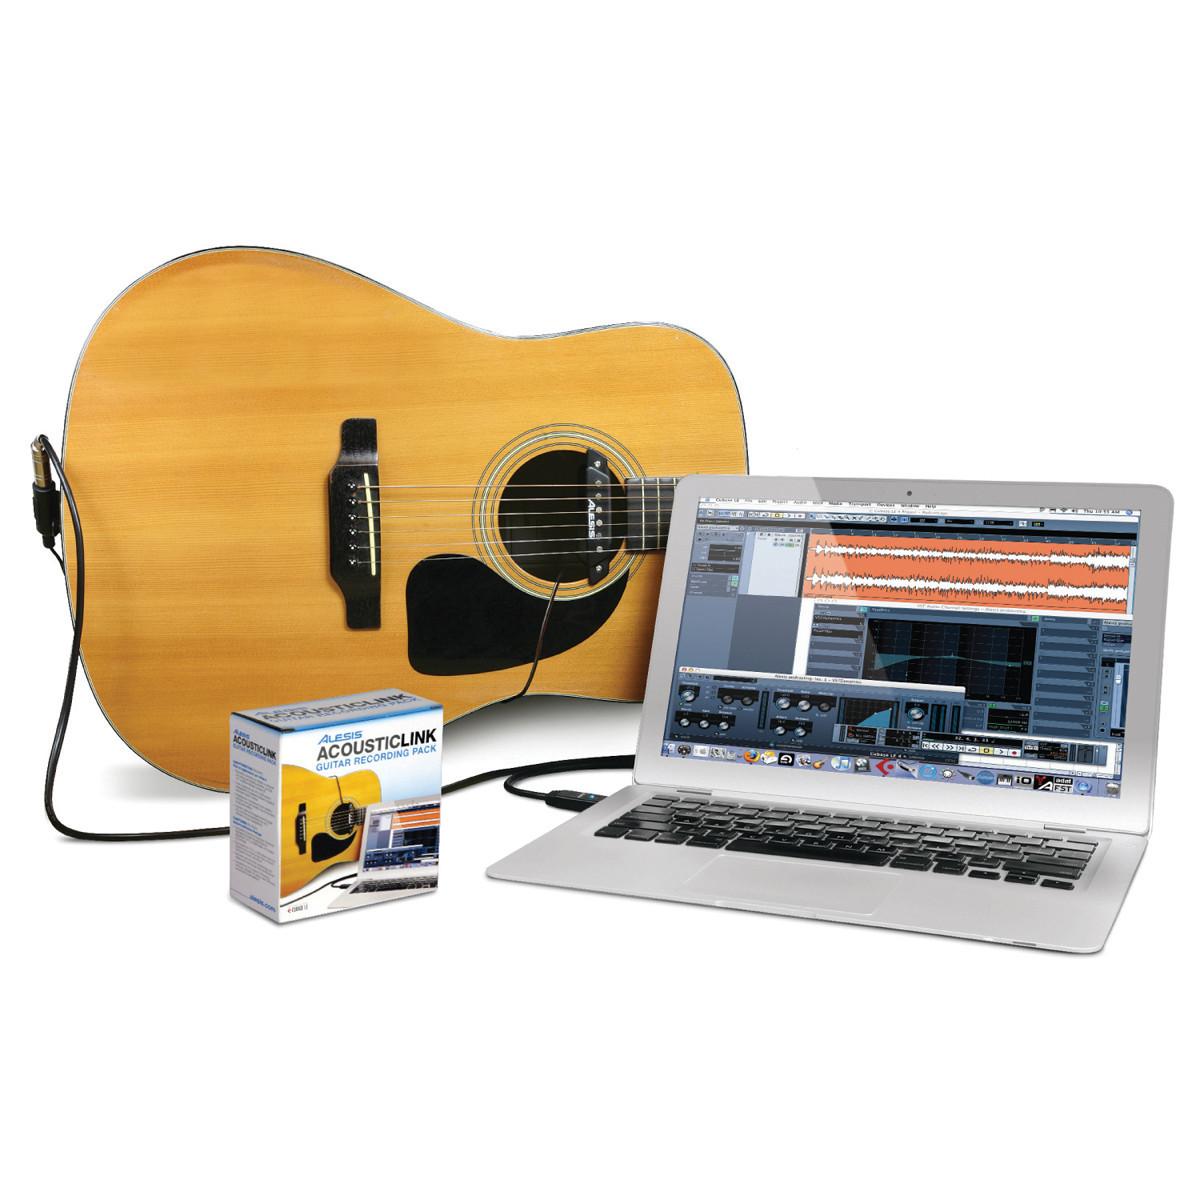 alesis acoustic link guitar recording pack at. Black Bedroom Furniture Sets. Home Design Ideas